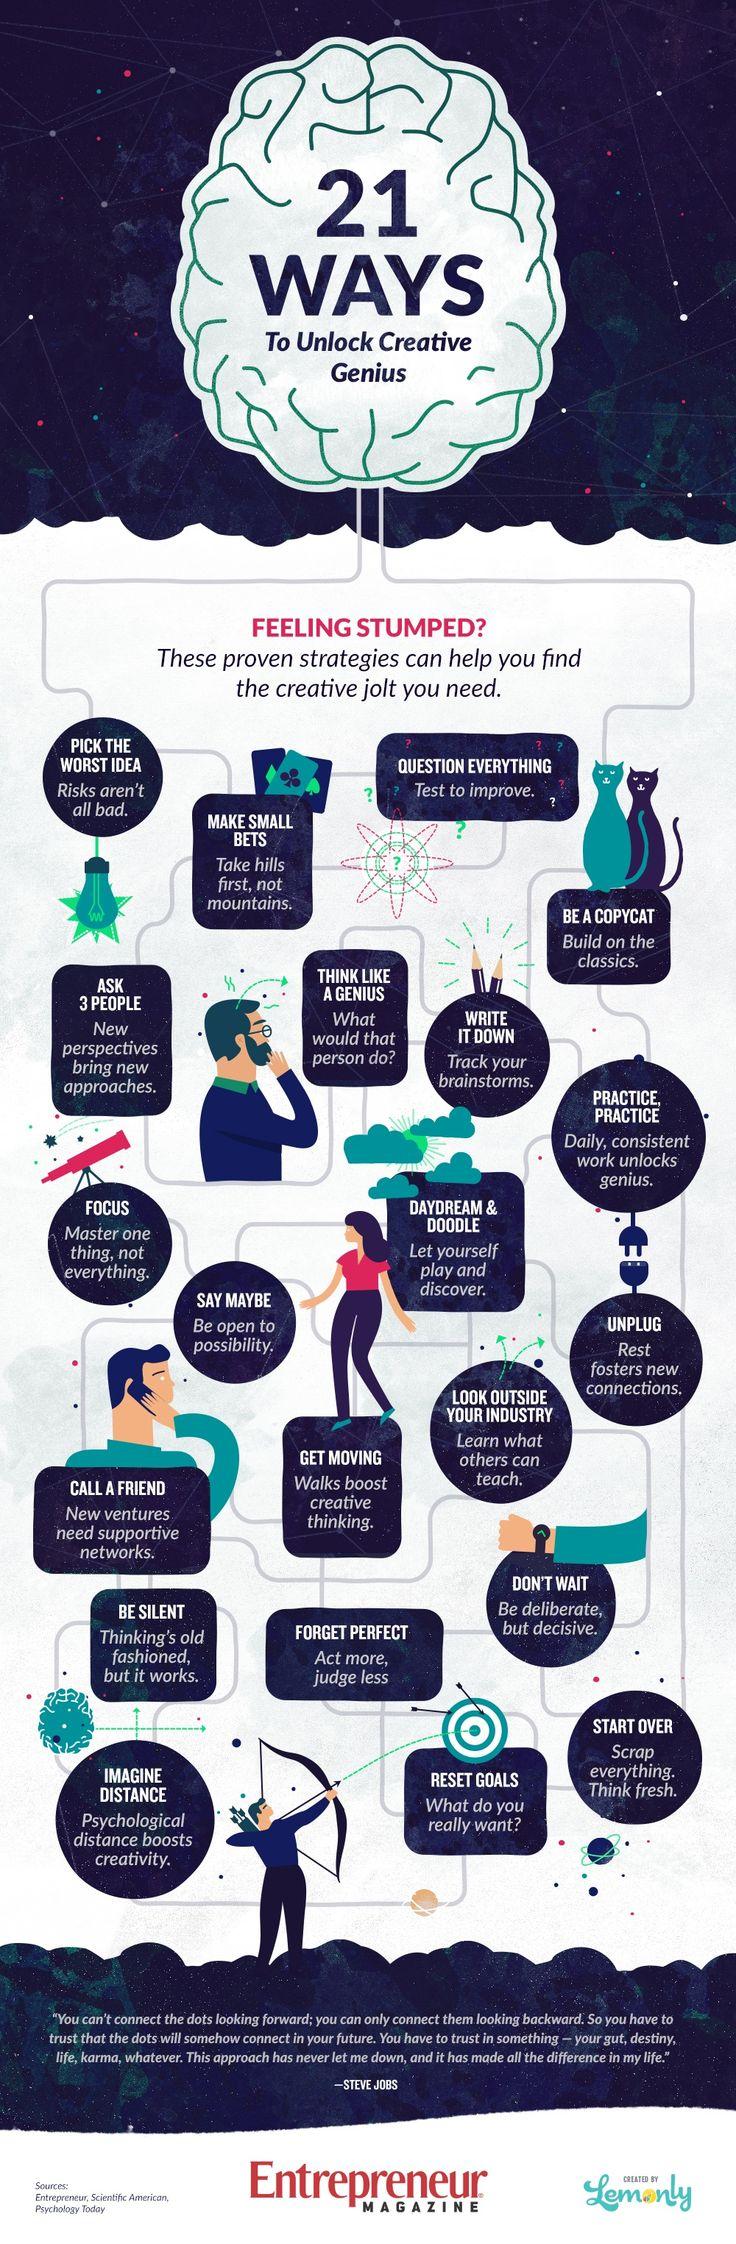 How to Unlock Your Inner Creative Genius   #infographic via @HubSpot